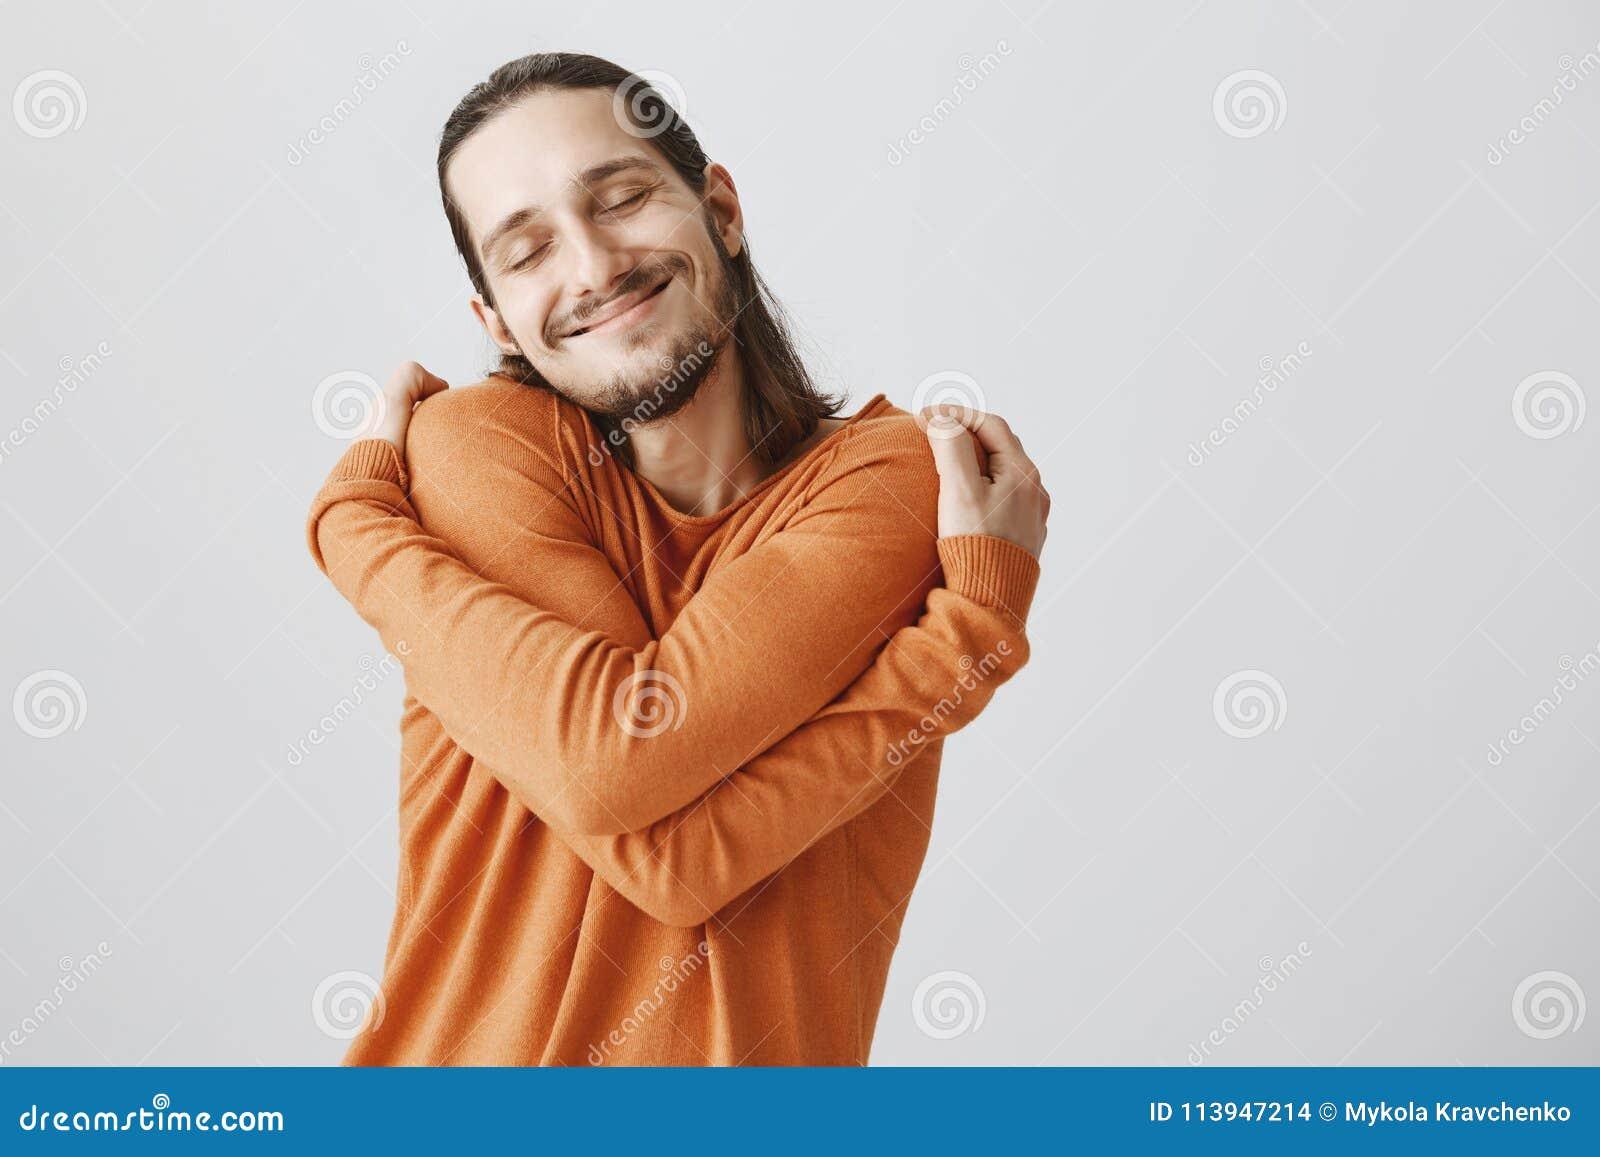 Vem behöver flickvänner, om du kan krama sig Rolig skämtsam europeisk grabb med den långa hår- och skäggkeln själv och